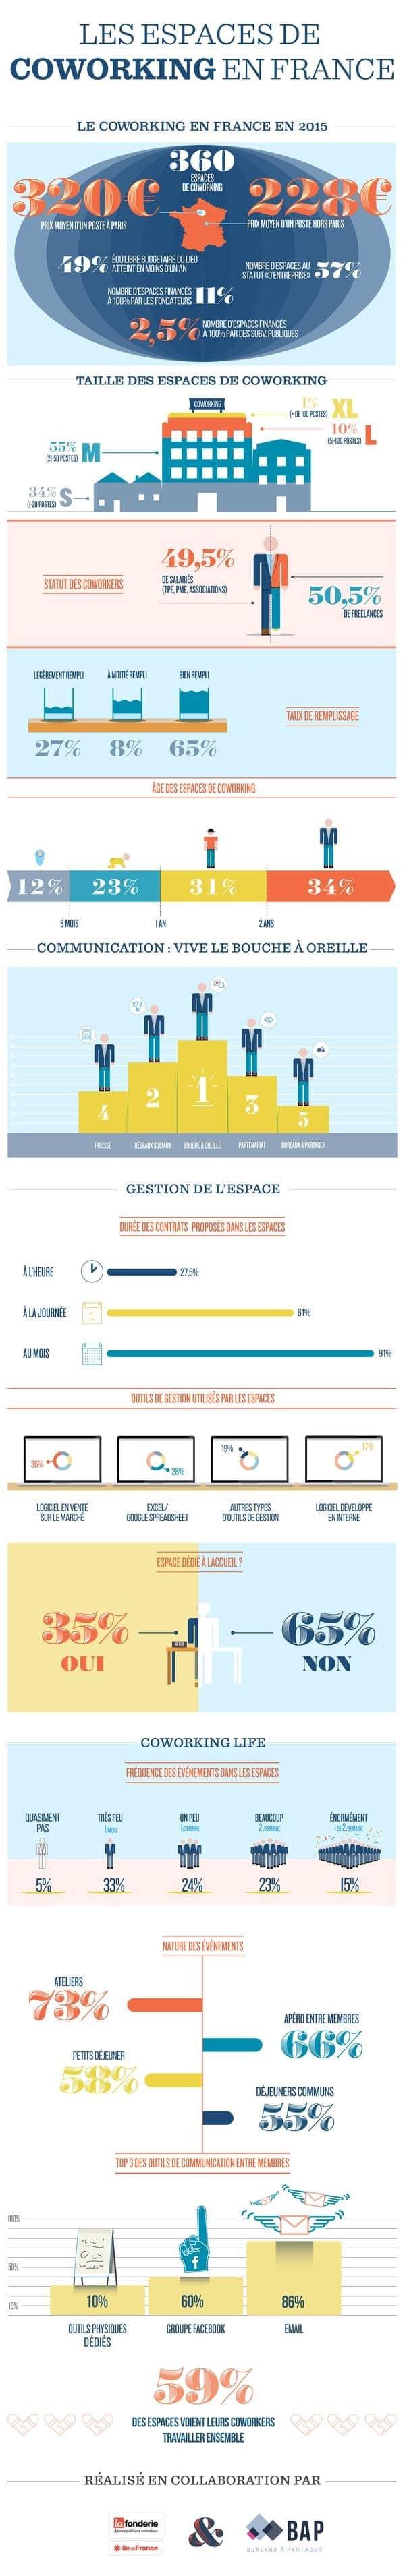 La vérité sur le business du coworking - Infographie